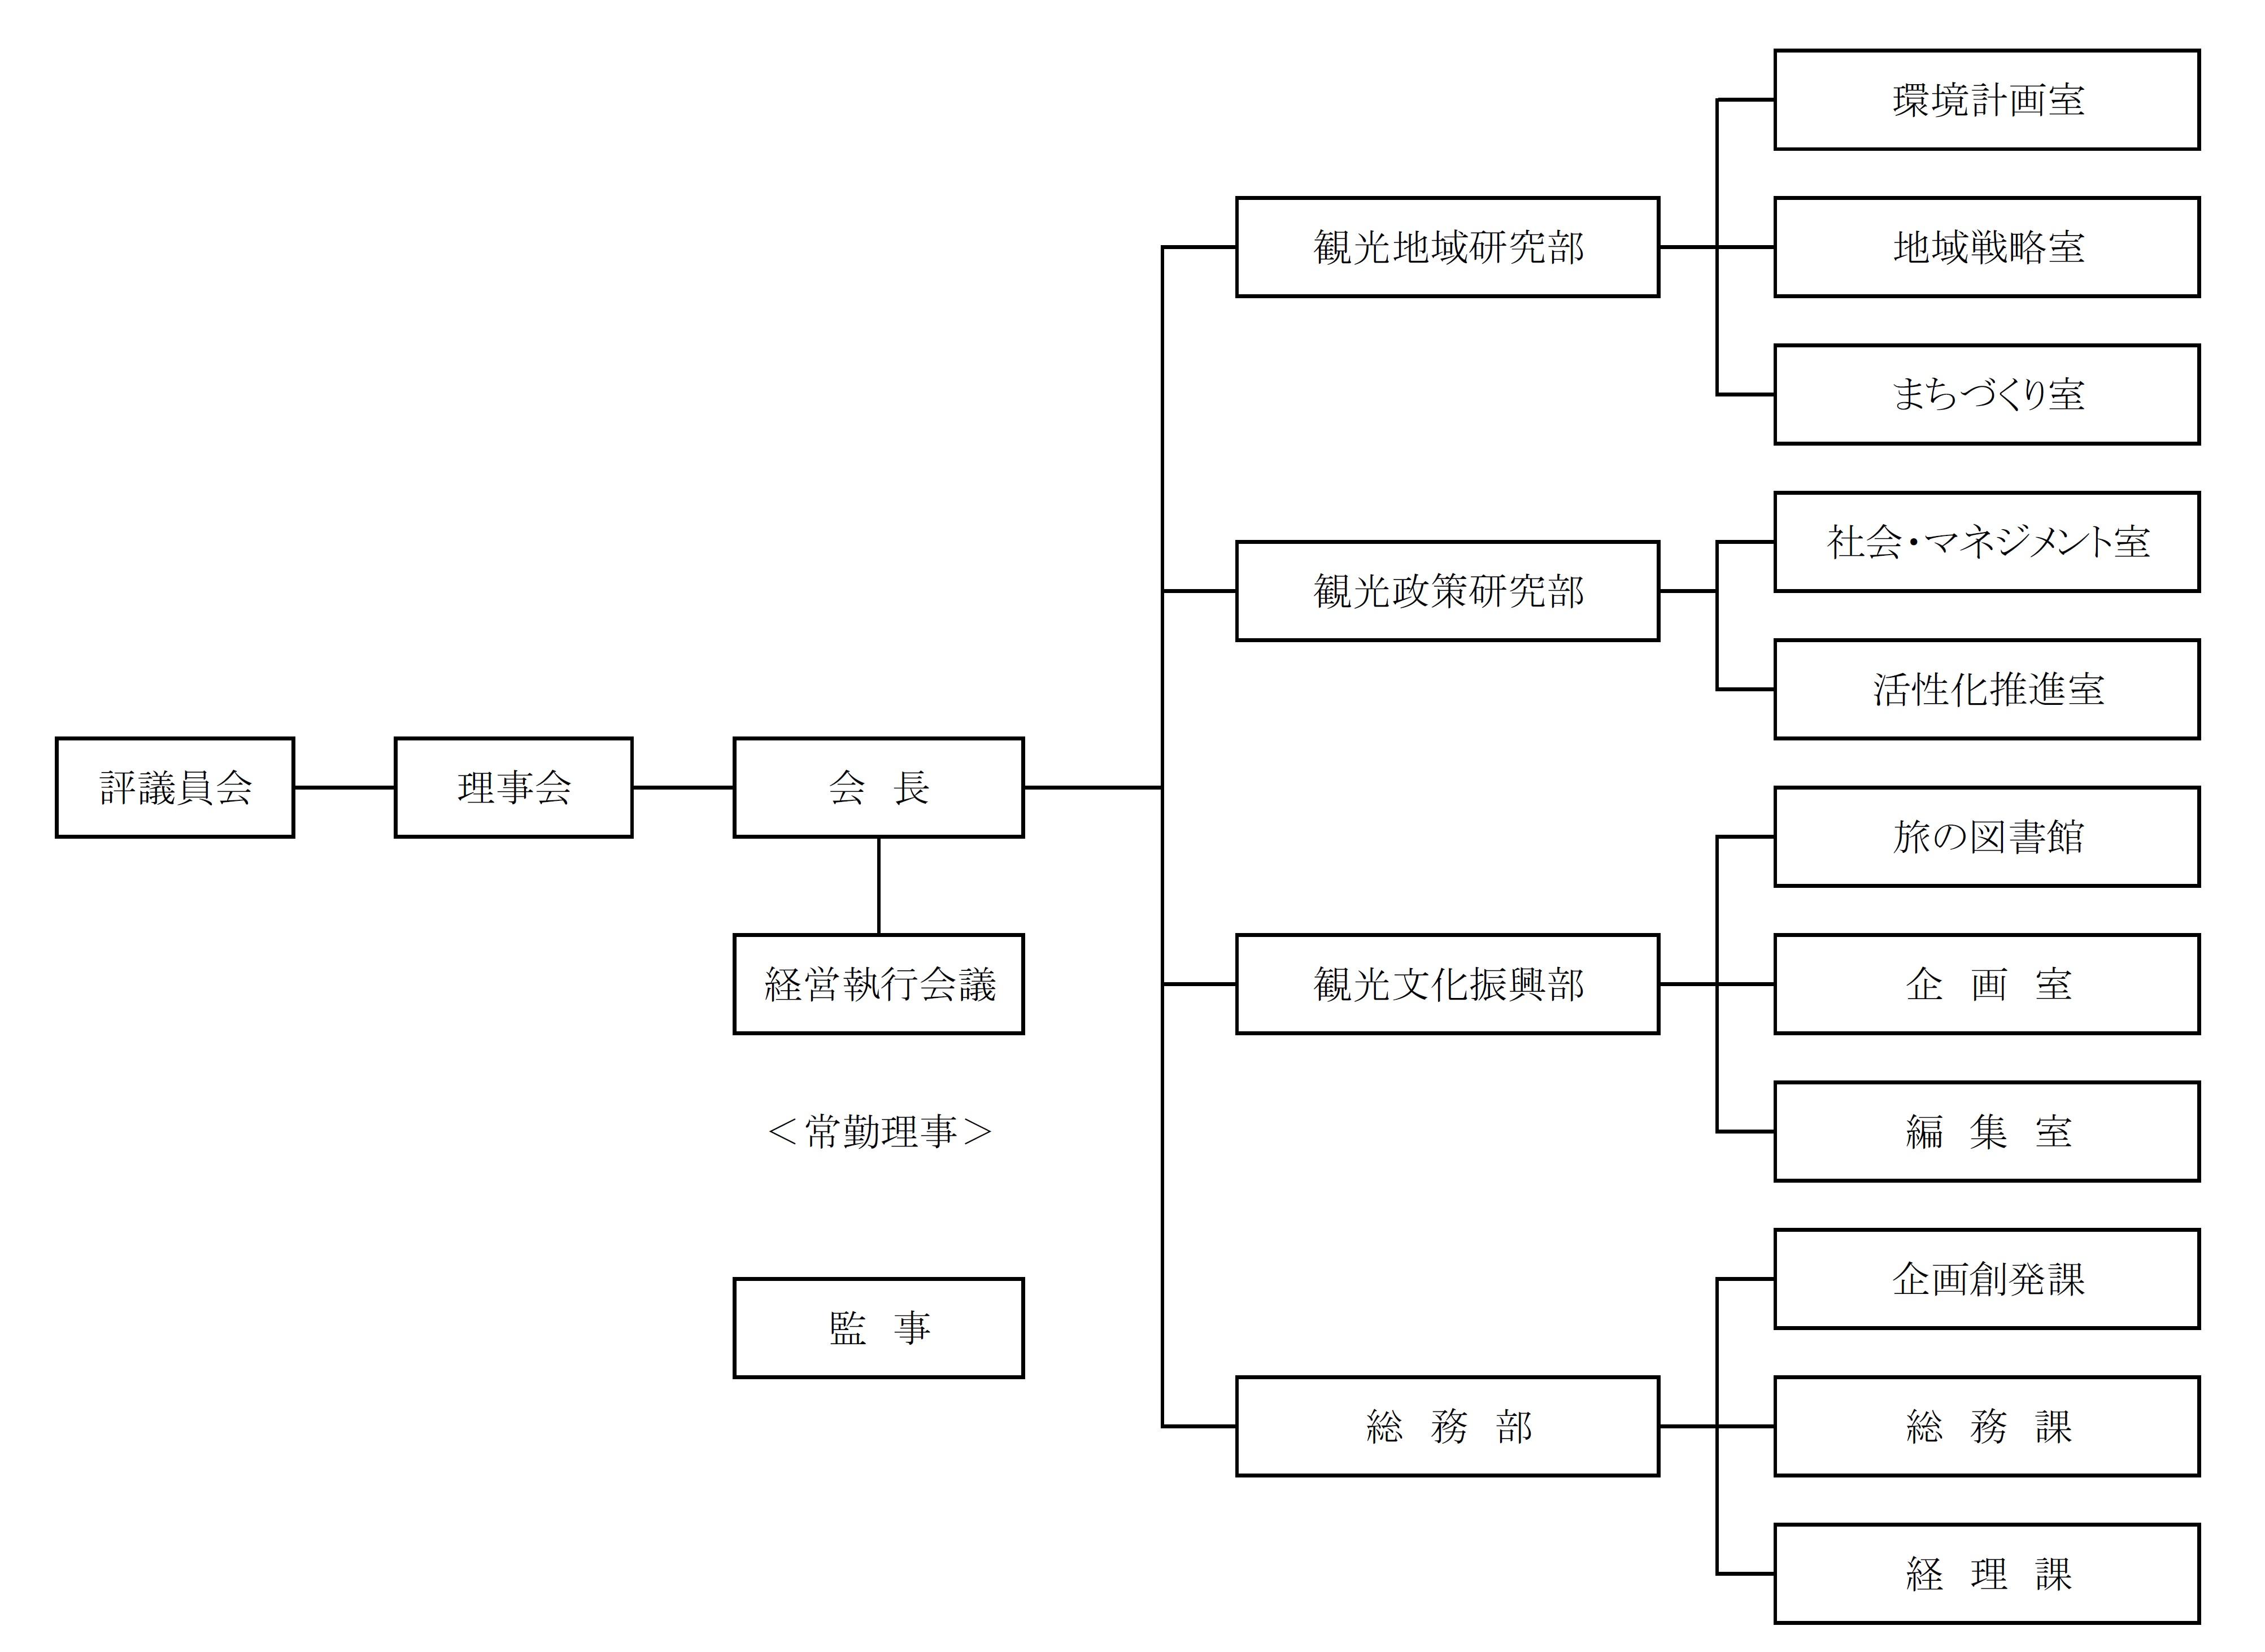 (公財)日本交通公社の組織図